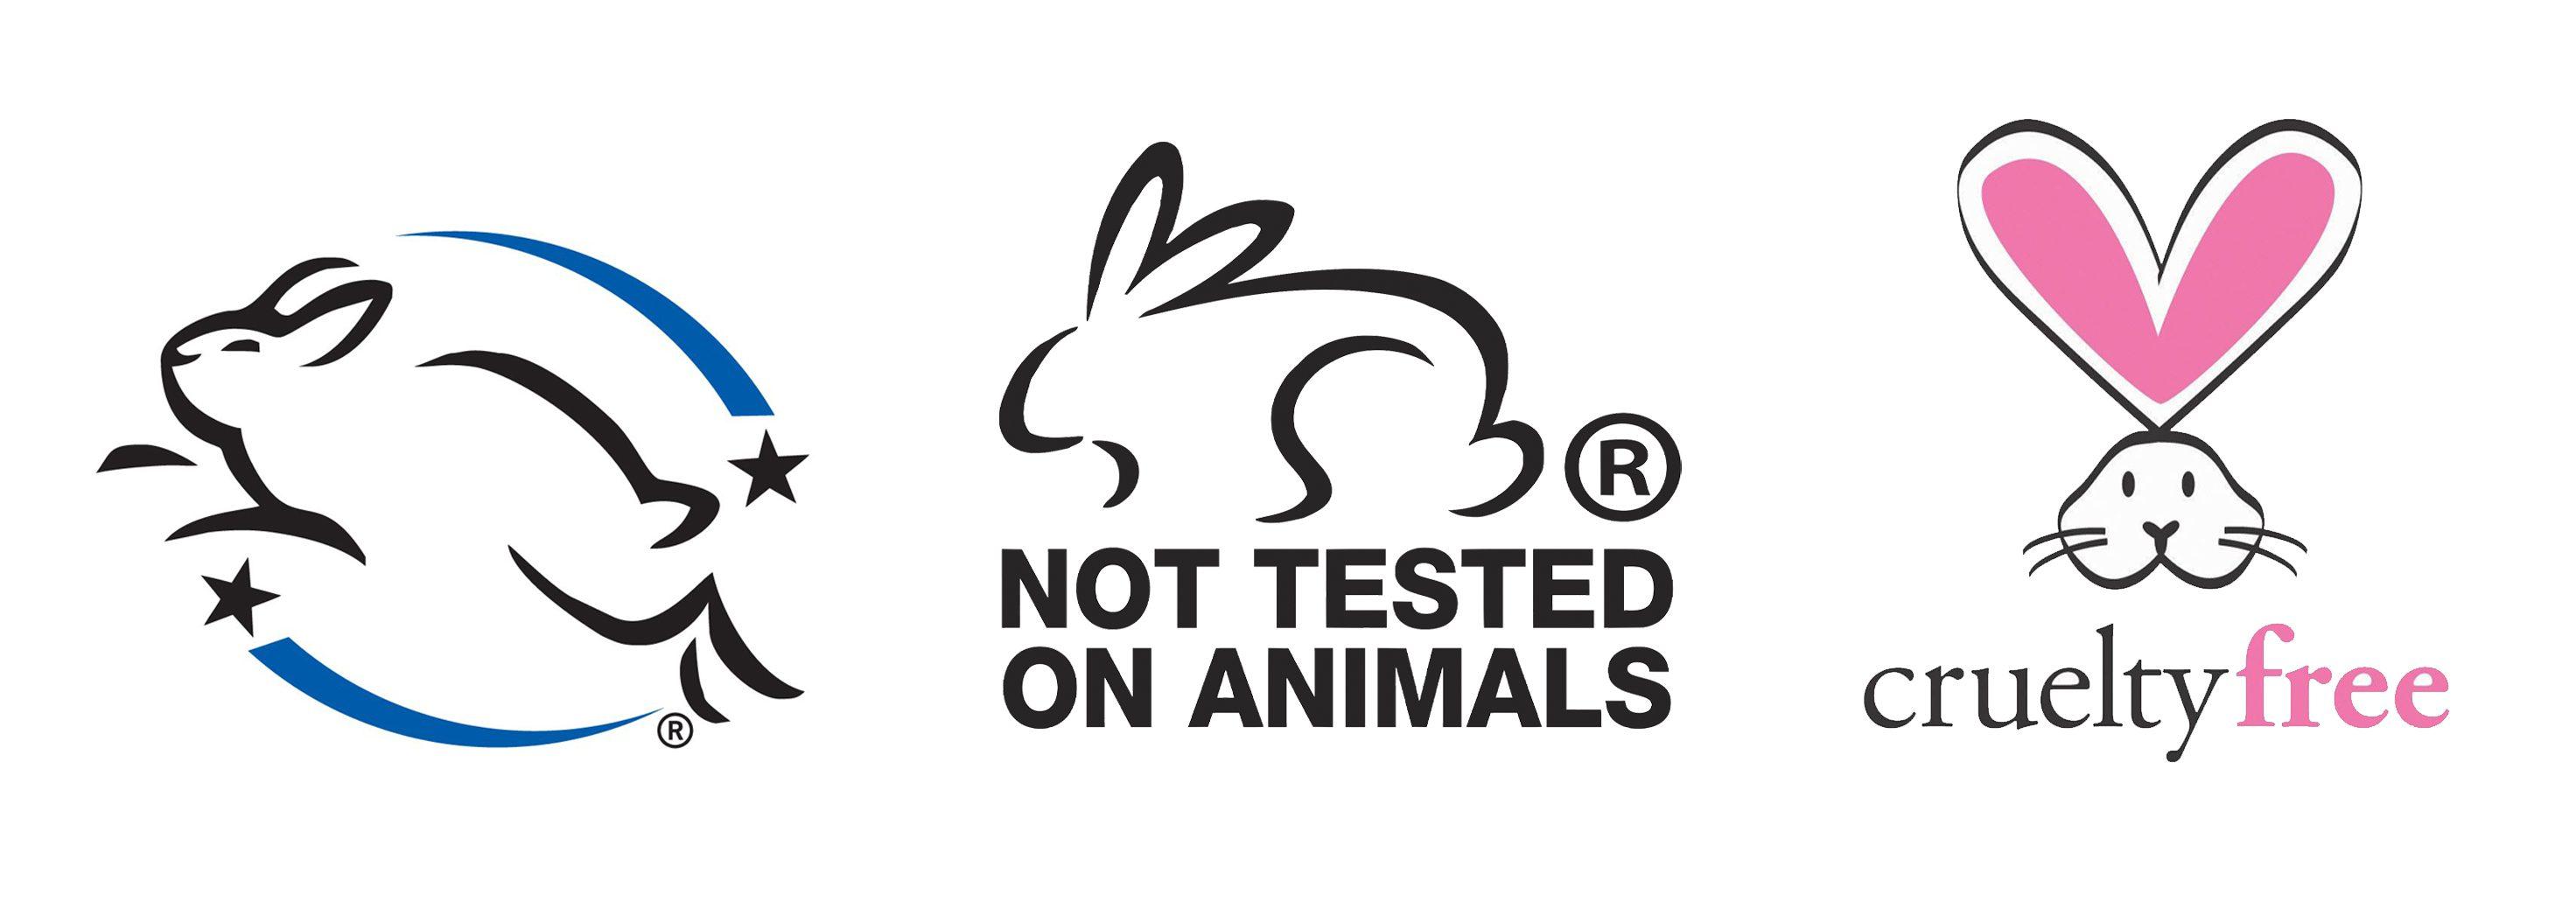 bunny ralf logos - <b>Спасти кролика Ральфа:</b> что такое cruelty-free, как происходит тестирование на животных и как выбрать этичную косметику? - Заборона